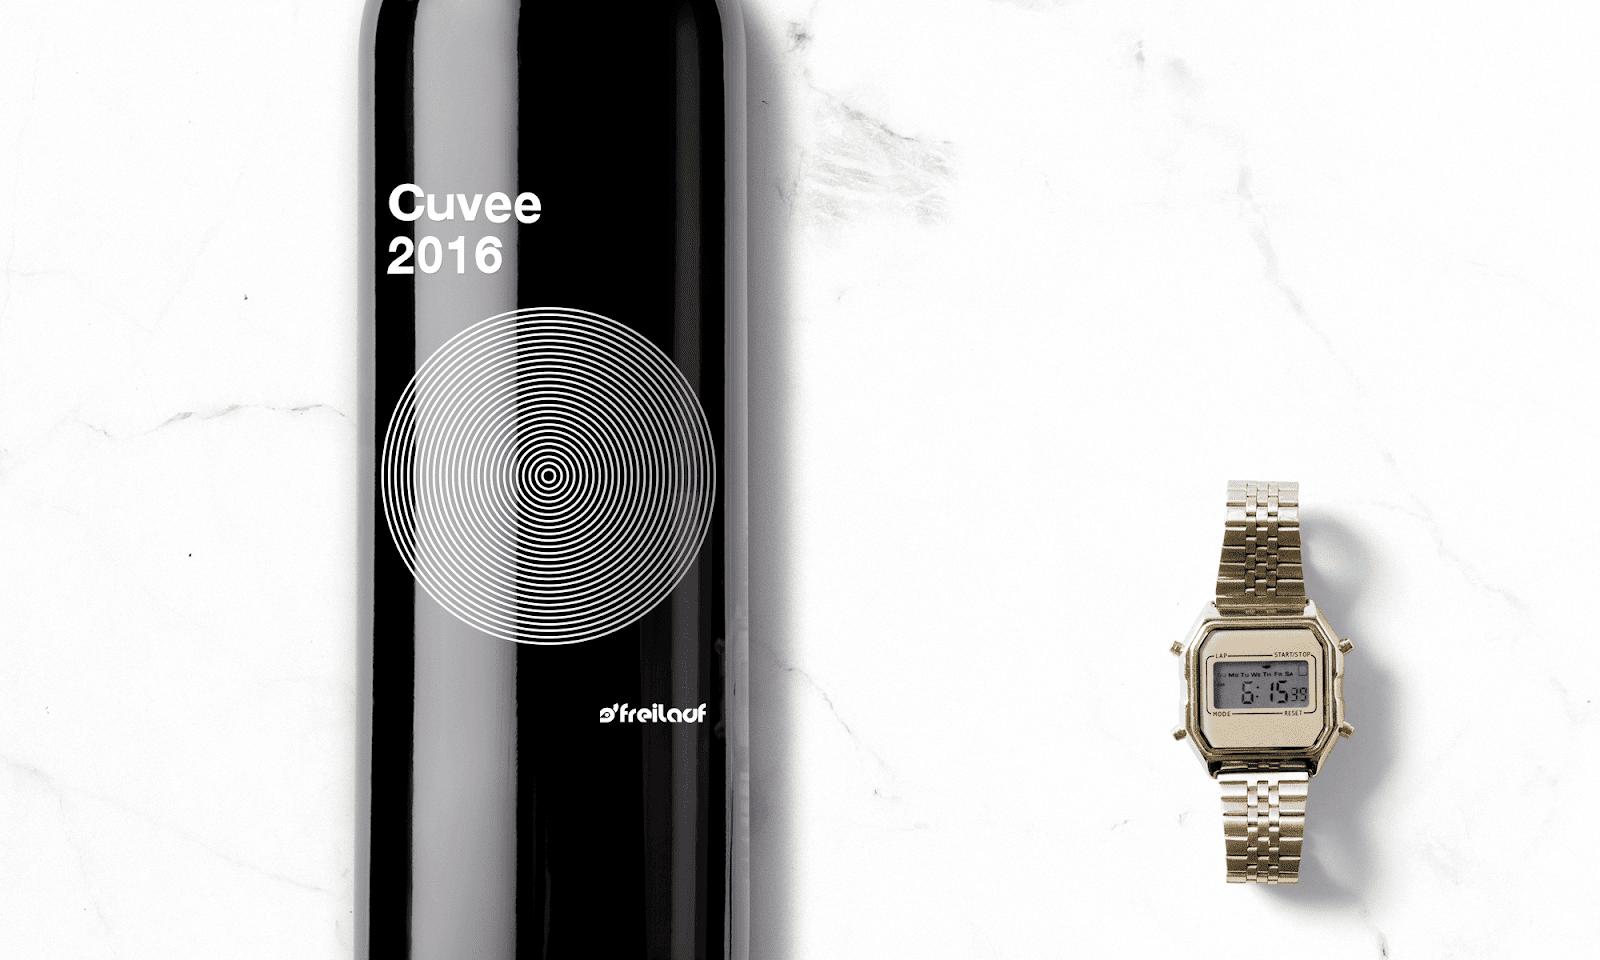 Freilauf Wines 11 - Ach, tie obaly – Freilauf Wines